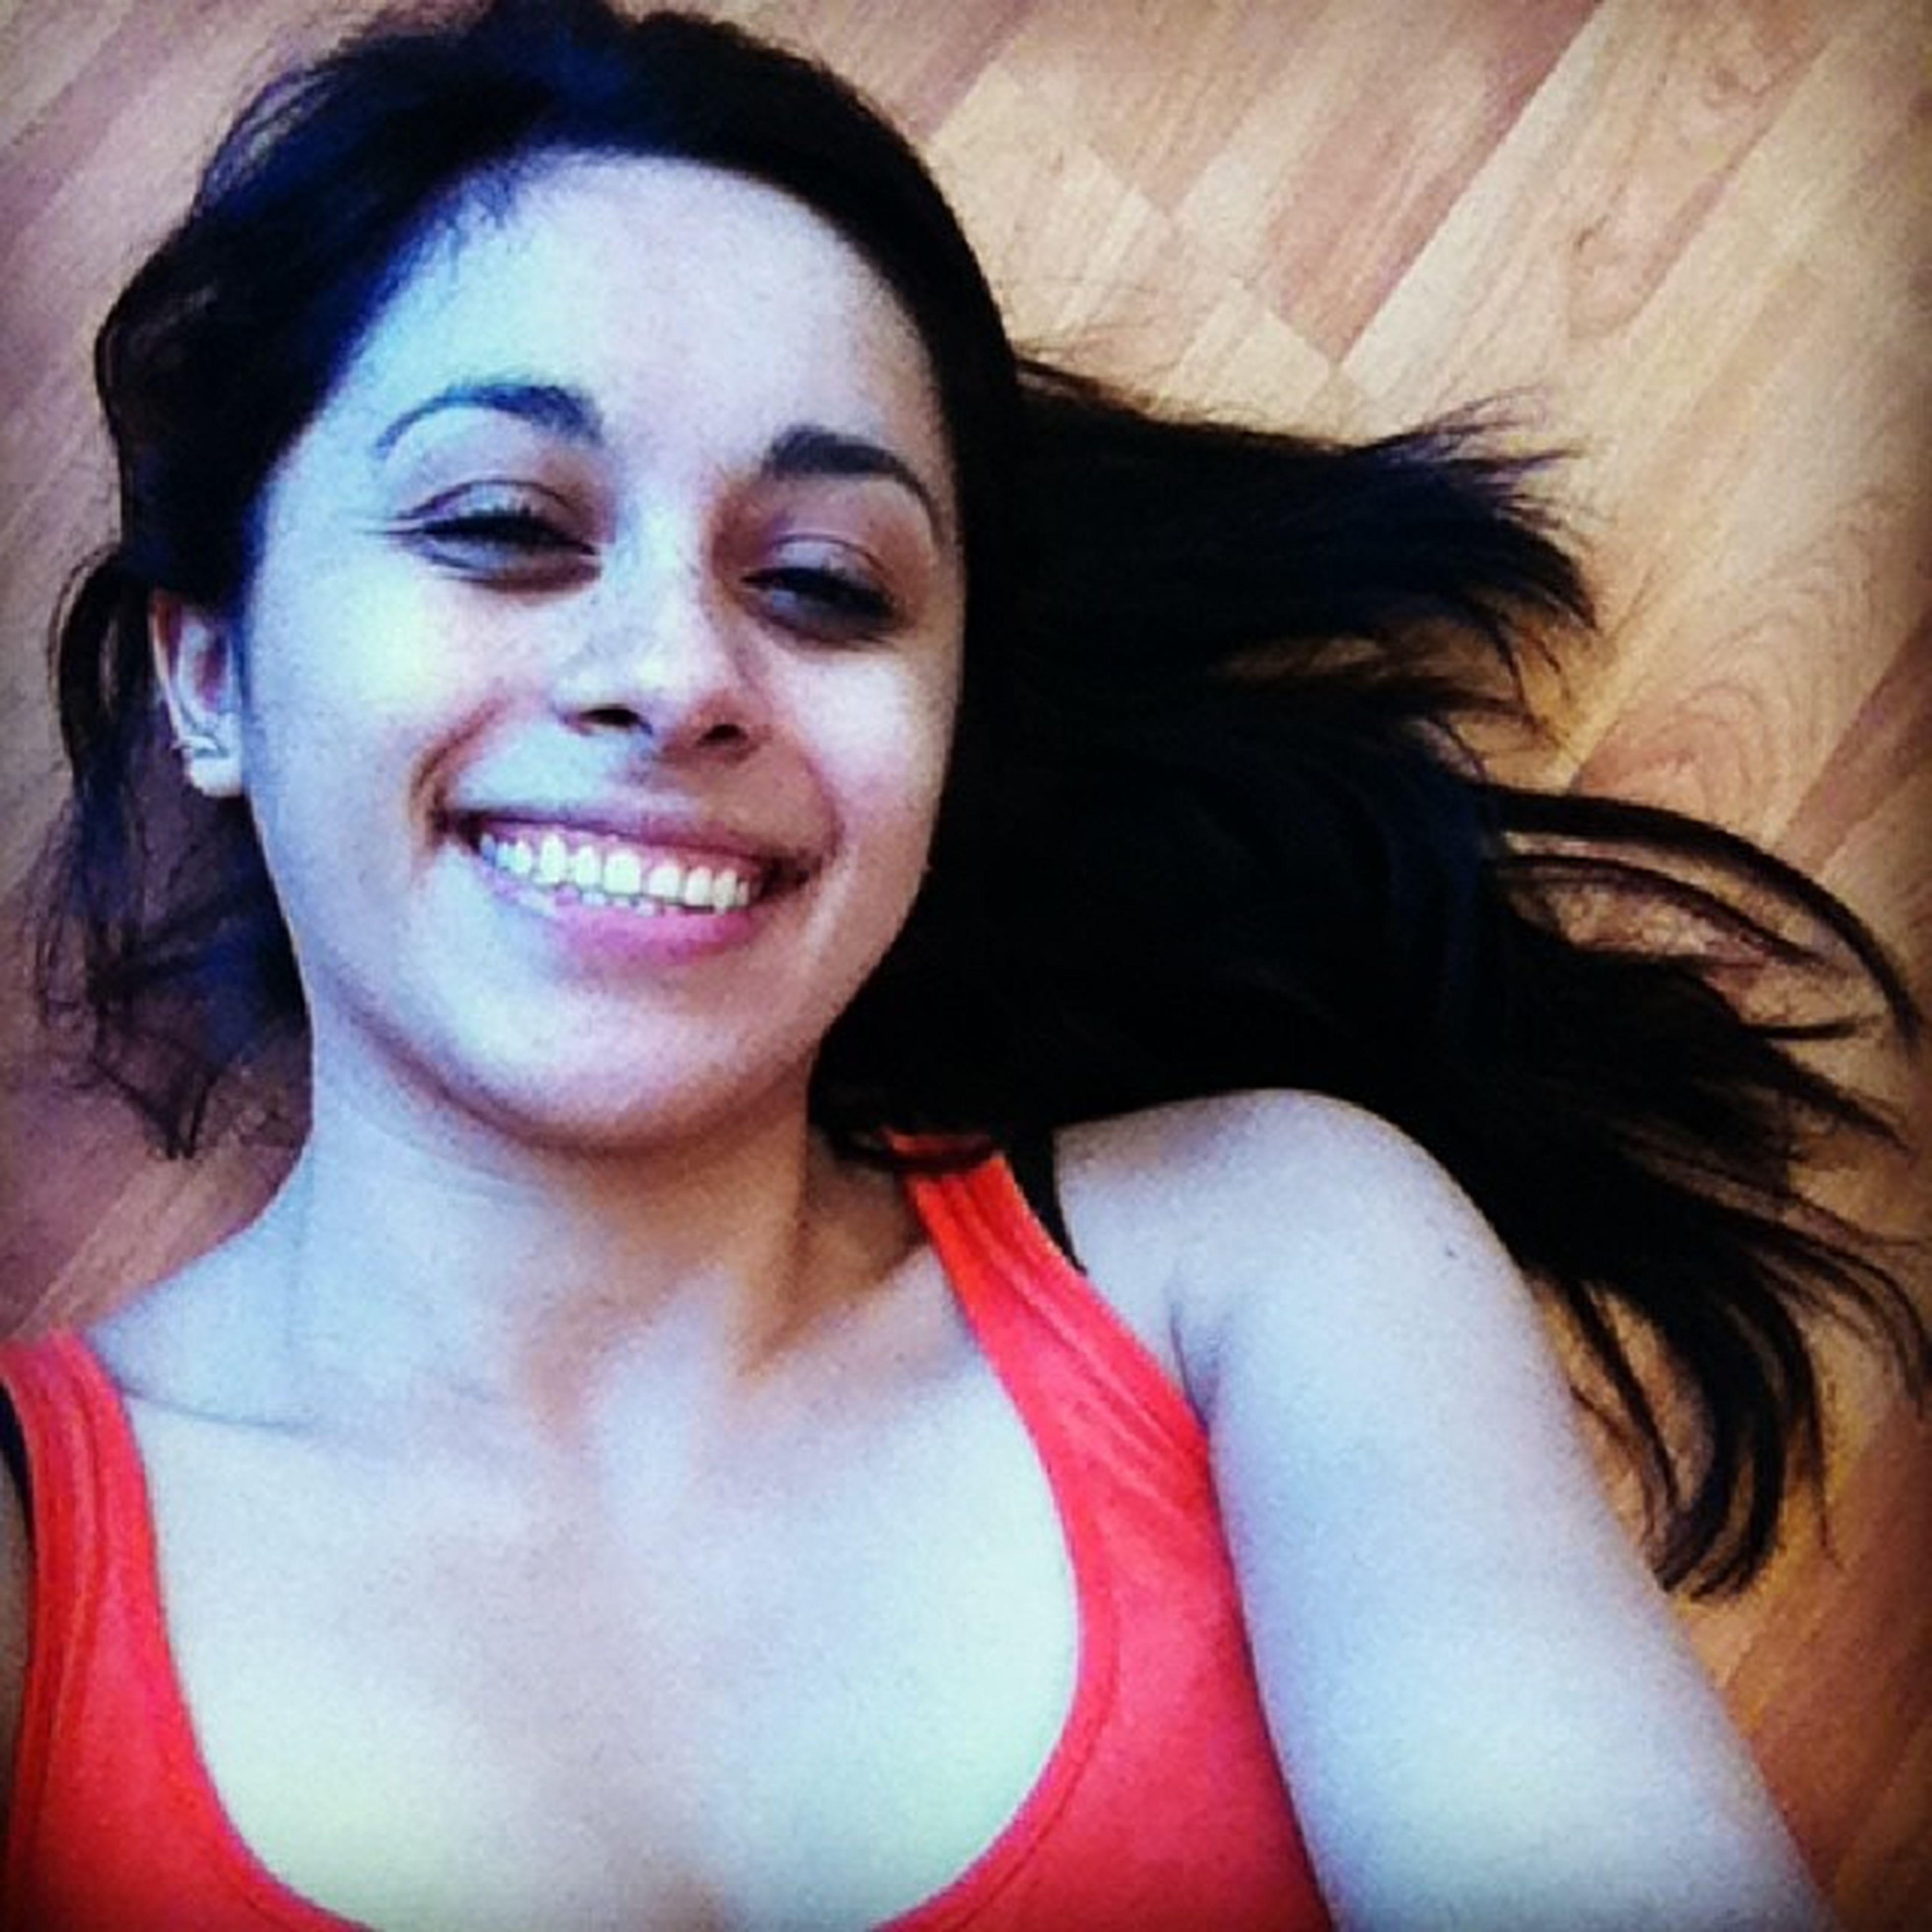 Descansando en el piso del nuevo dpto :) Newdpto